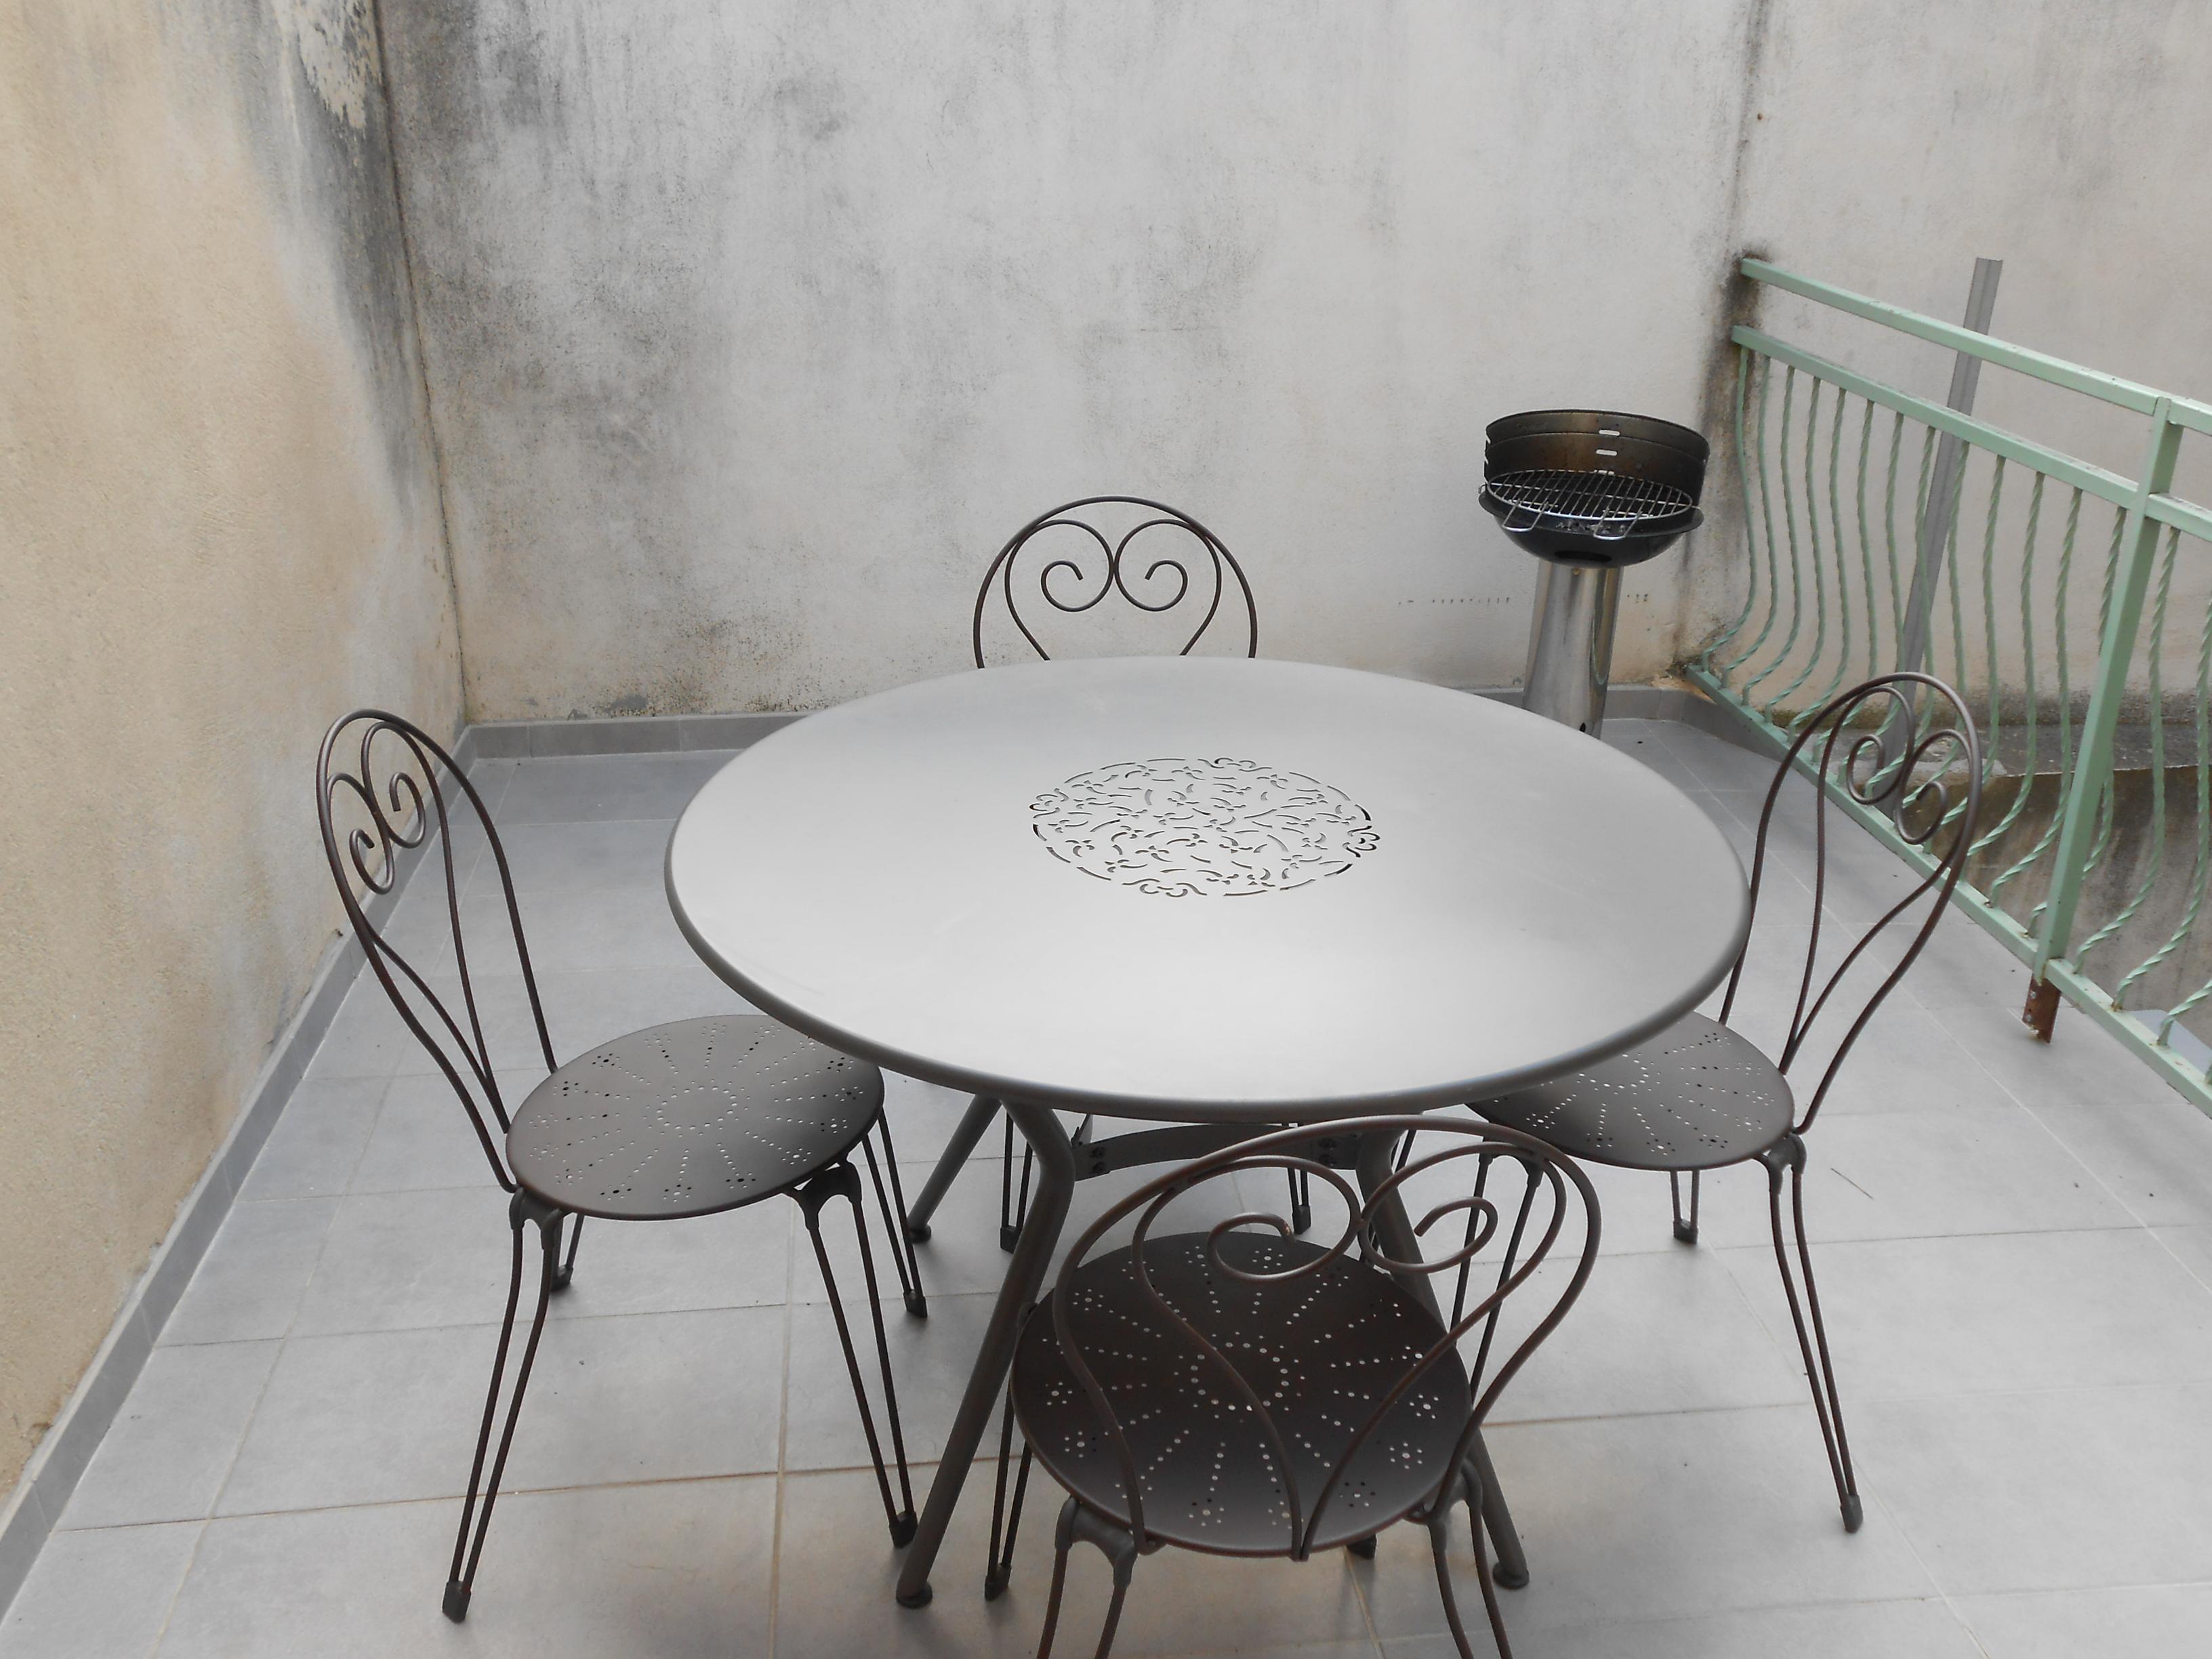 Table Louis XVI avec chaises Romantiques – Das Haus von Olivier